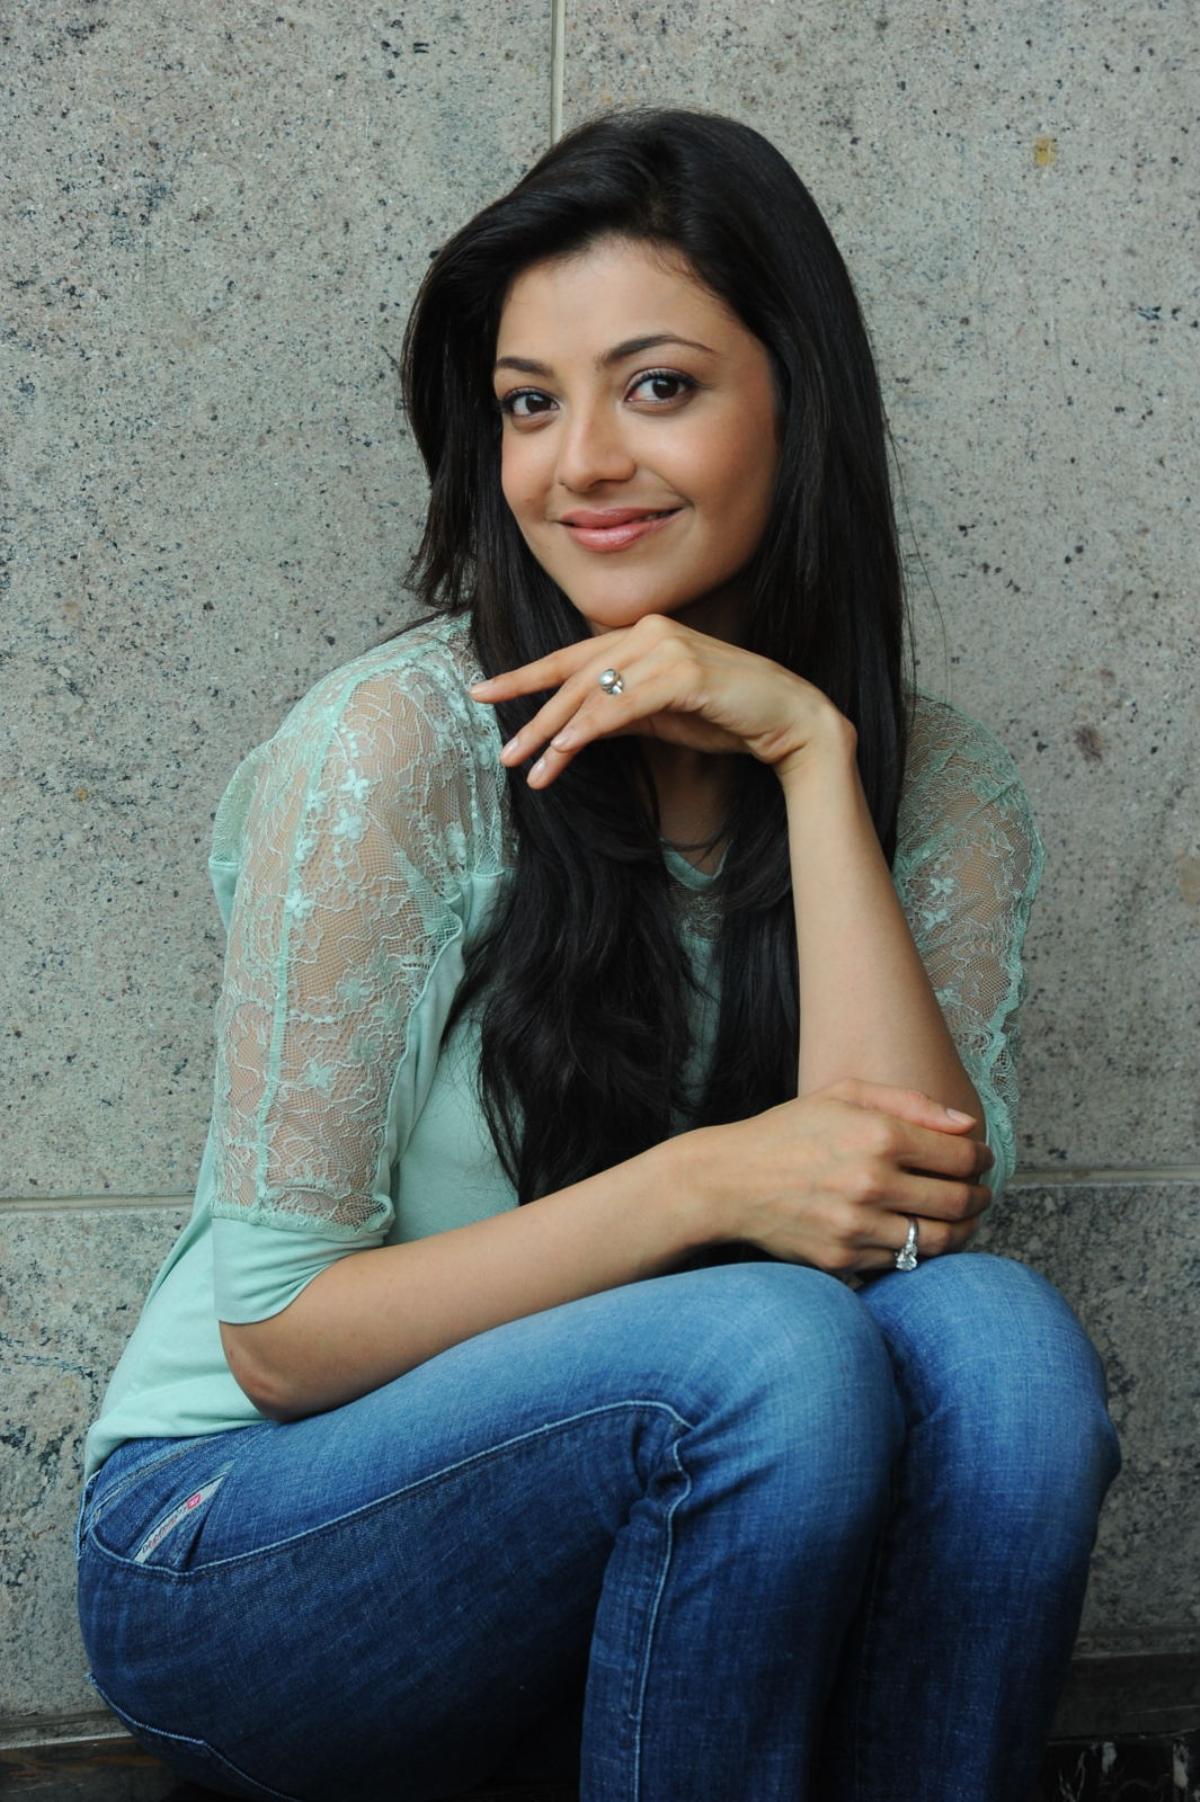 Kajal Hd Photos Wallpaper - Telugu Heroine Kajal , HD Wallpaper & Backgrounds